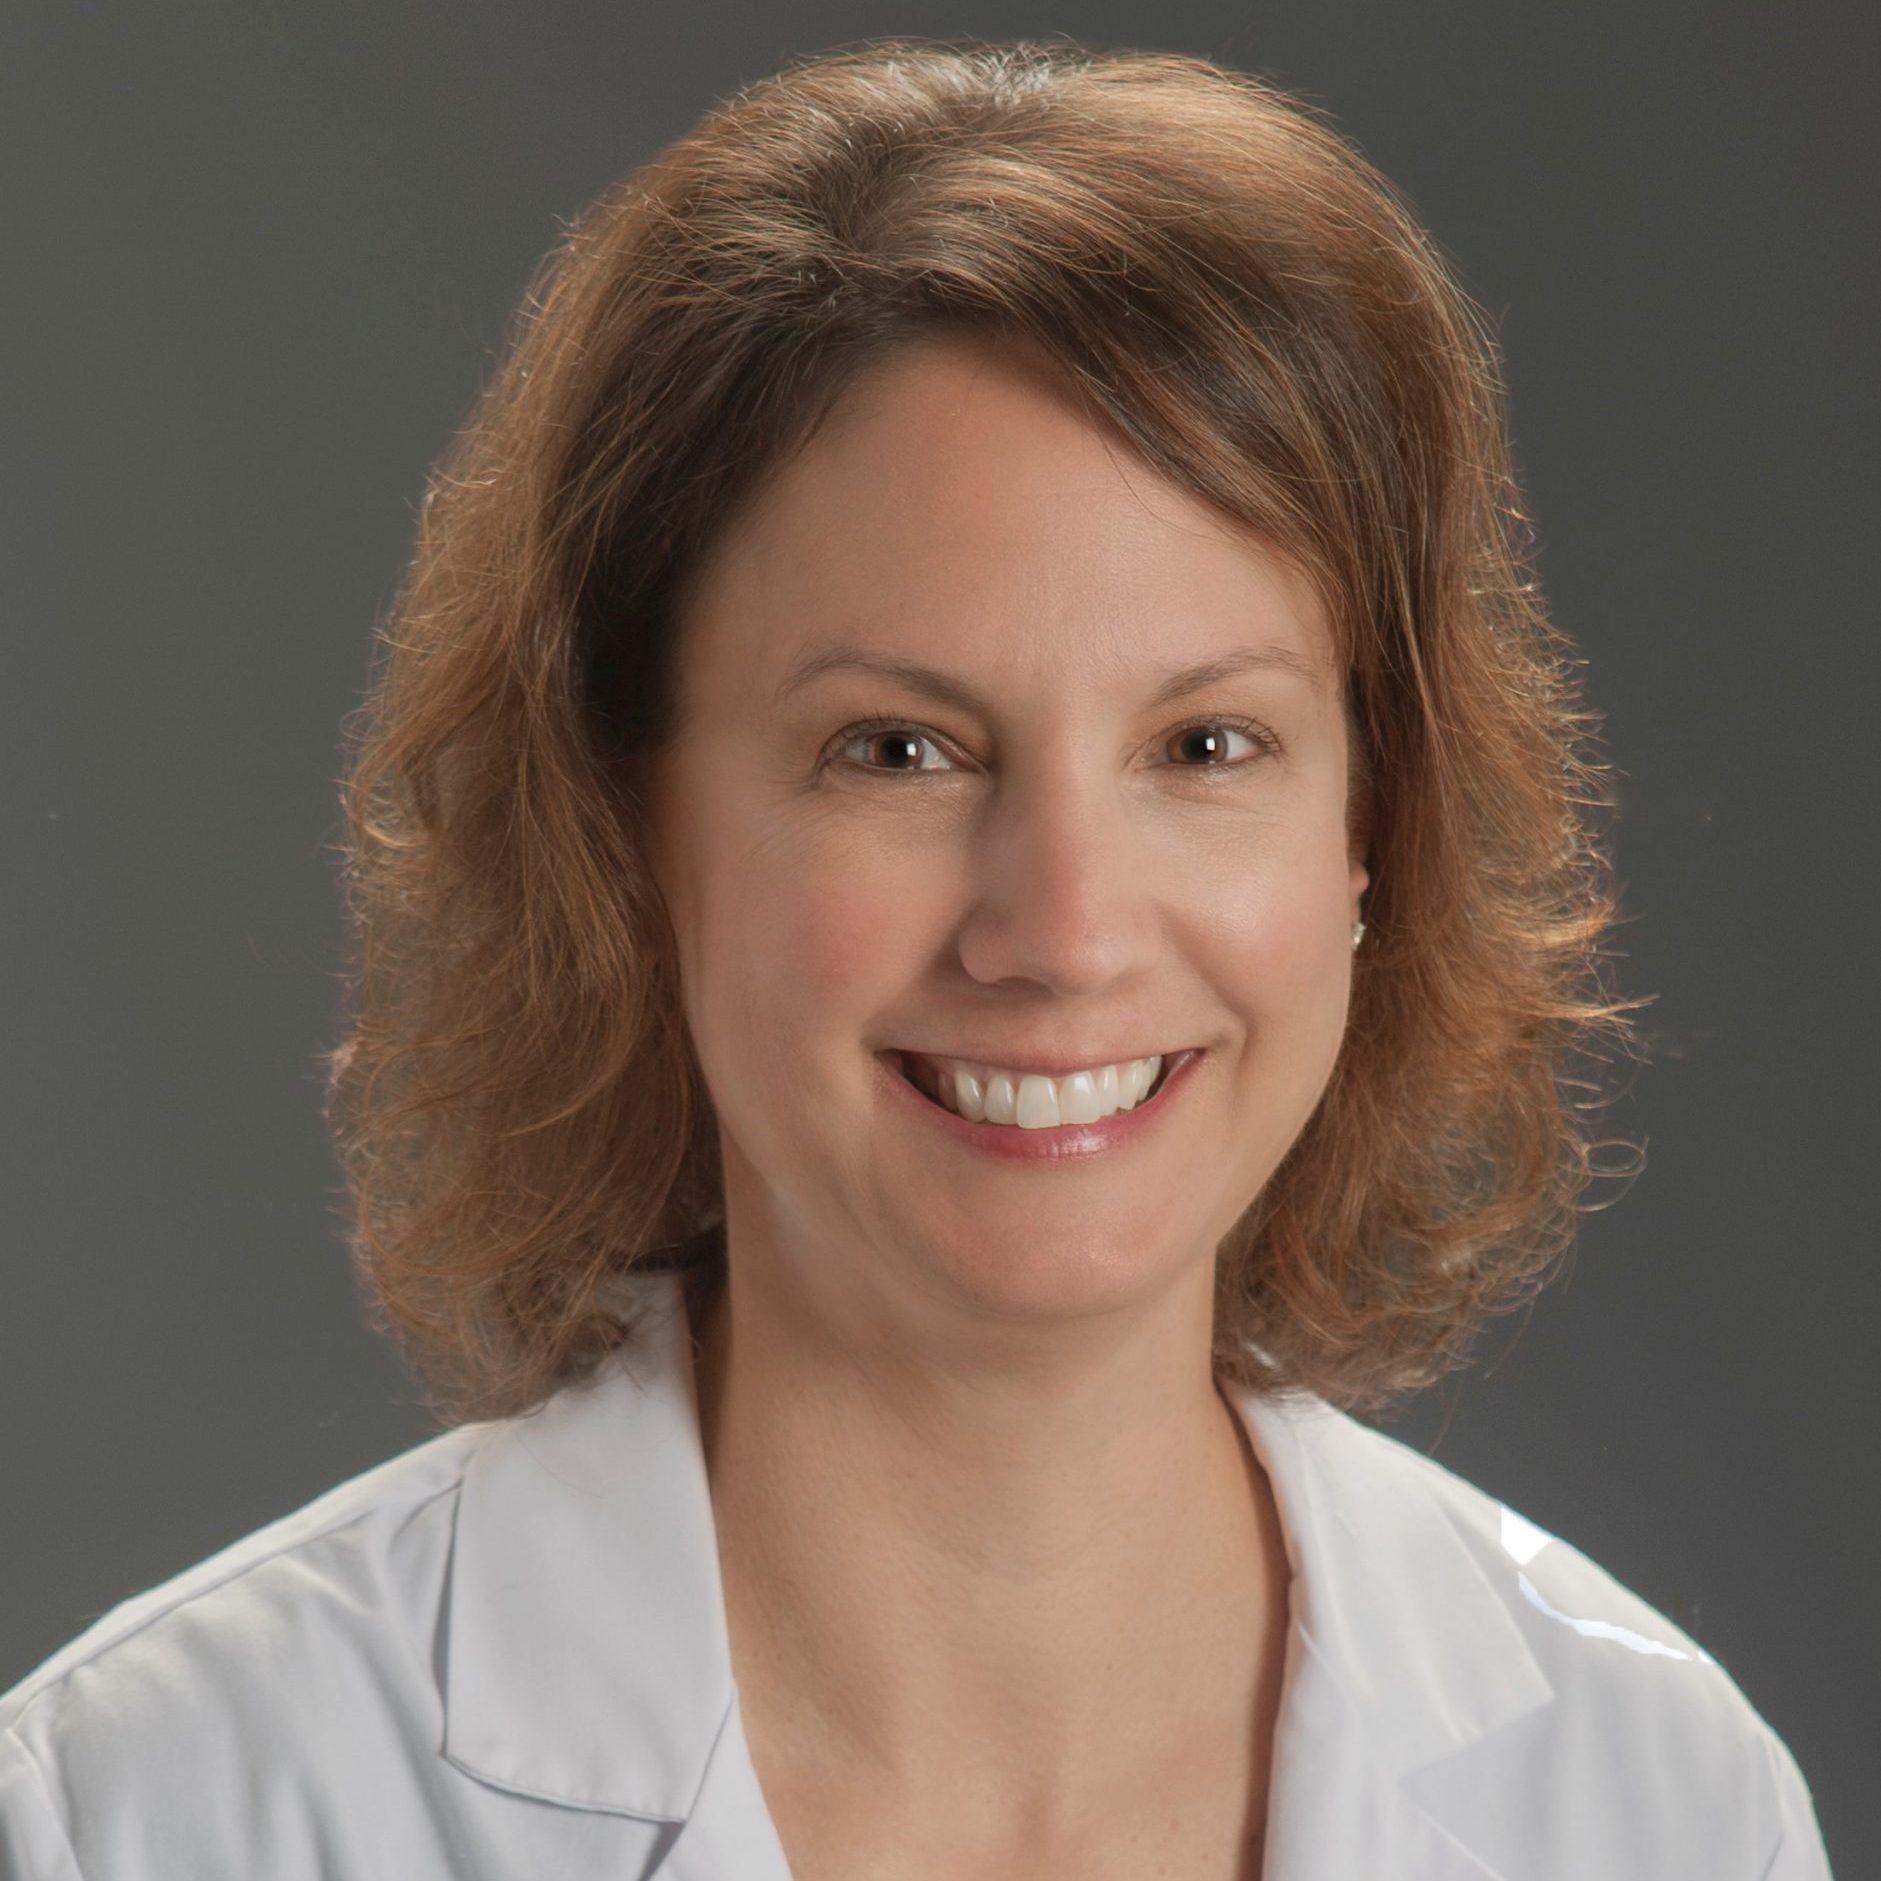 Dr. OLeary - Shopko Optical optometrist